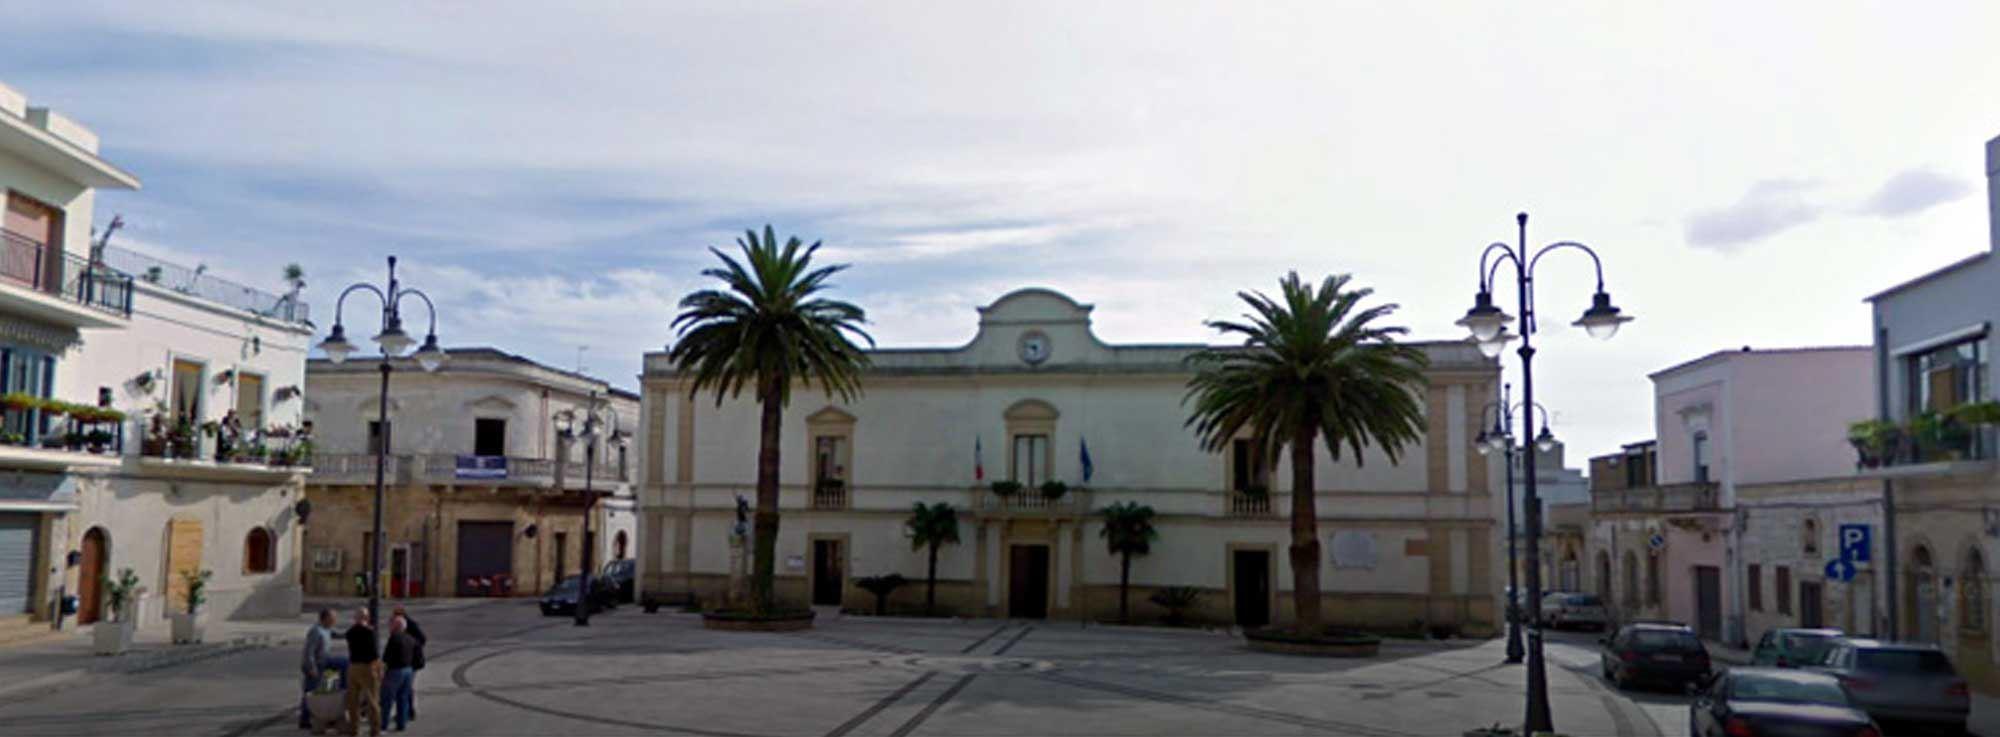 Villa Castelli: Nox Rudiae, la Notte Bianca delle tradizioni